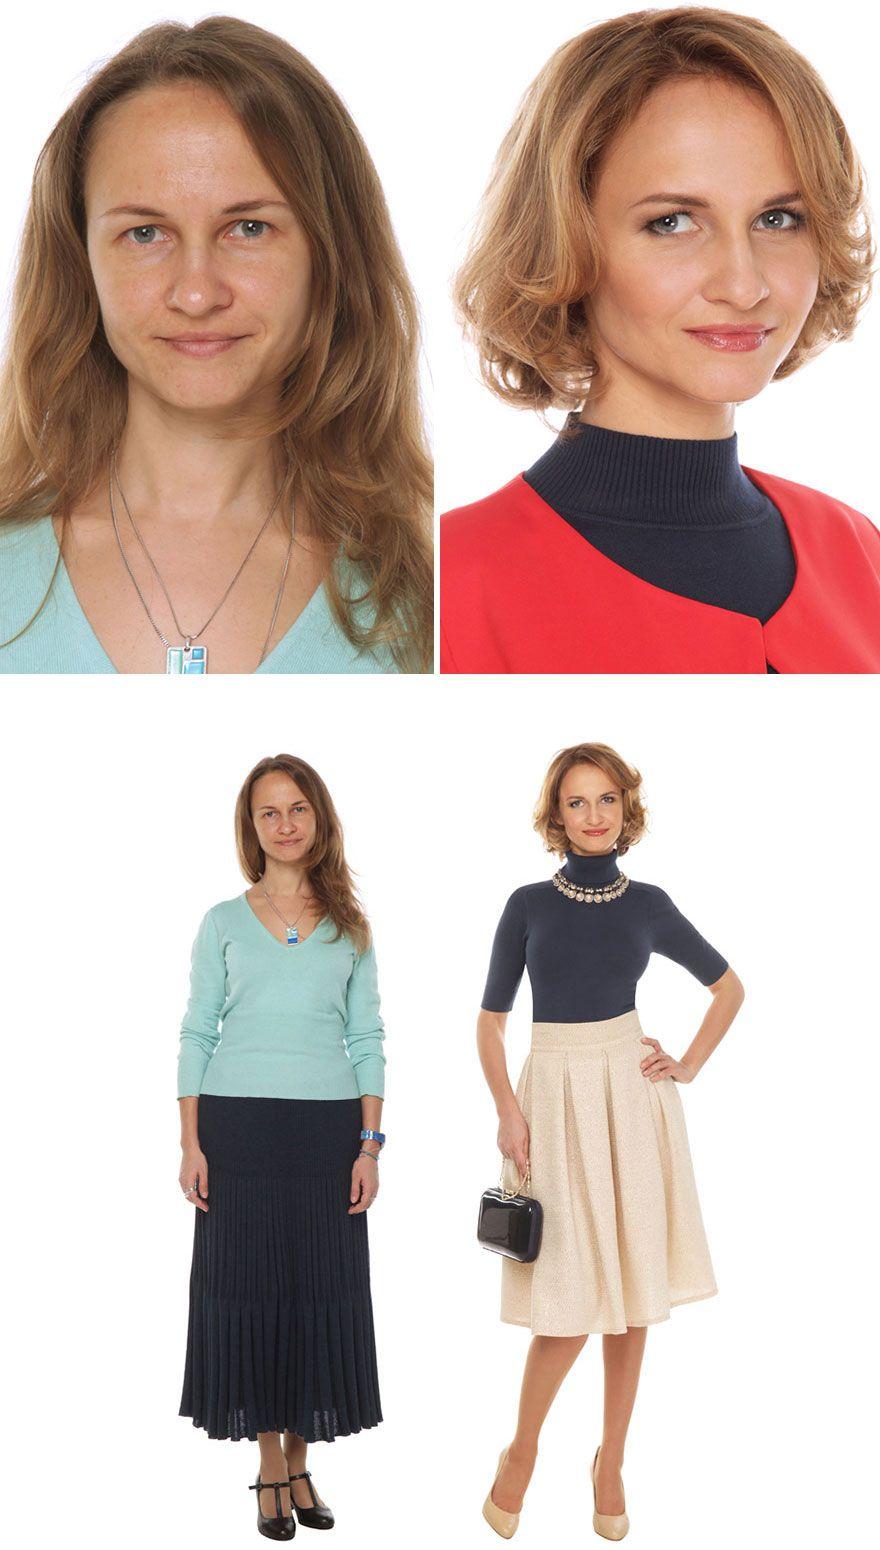 Semua Wanita Itu Cantik, Lihat Saja Hasil Make Over Stylist Asal Rusia Ini!